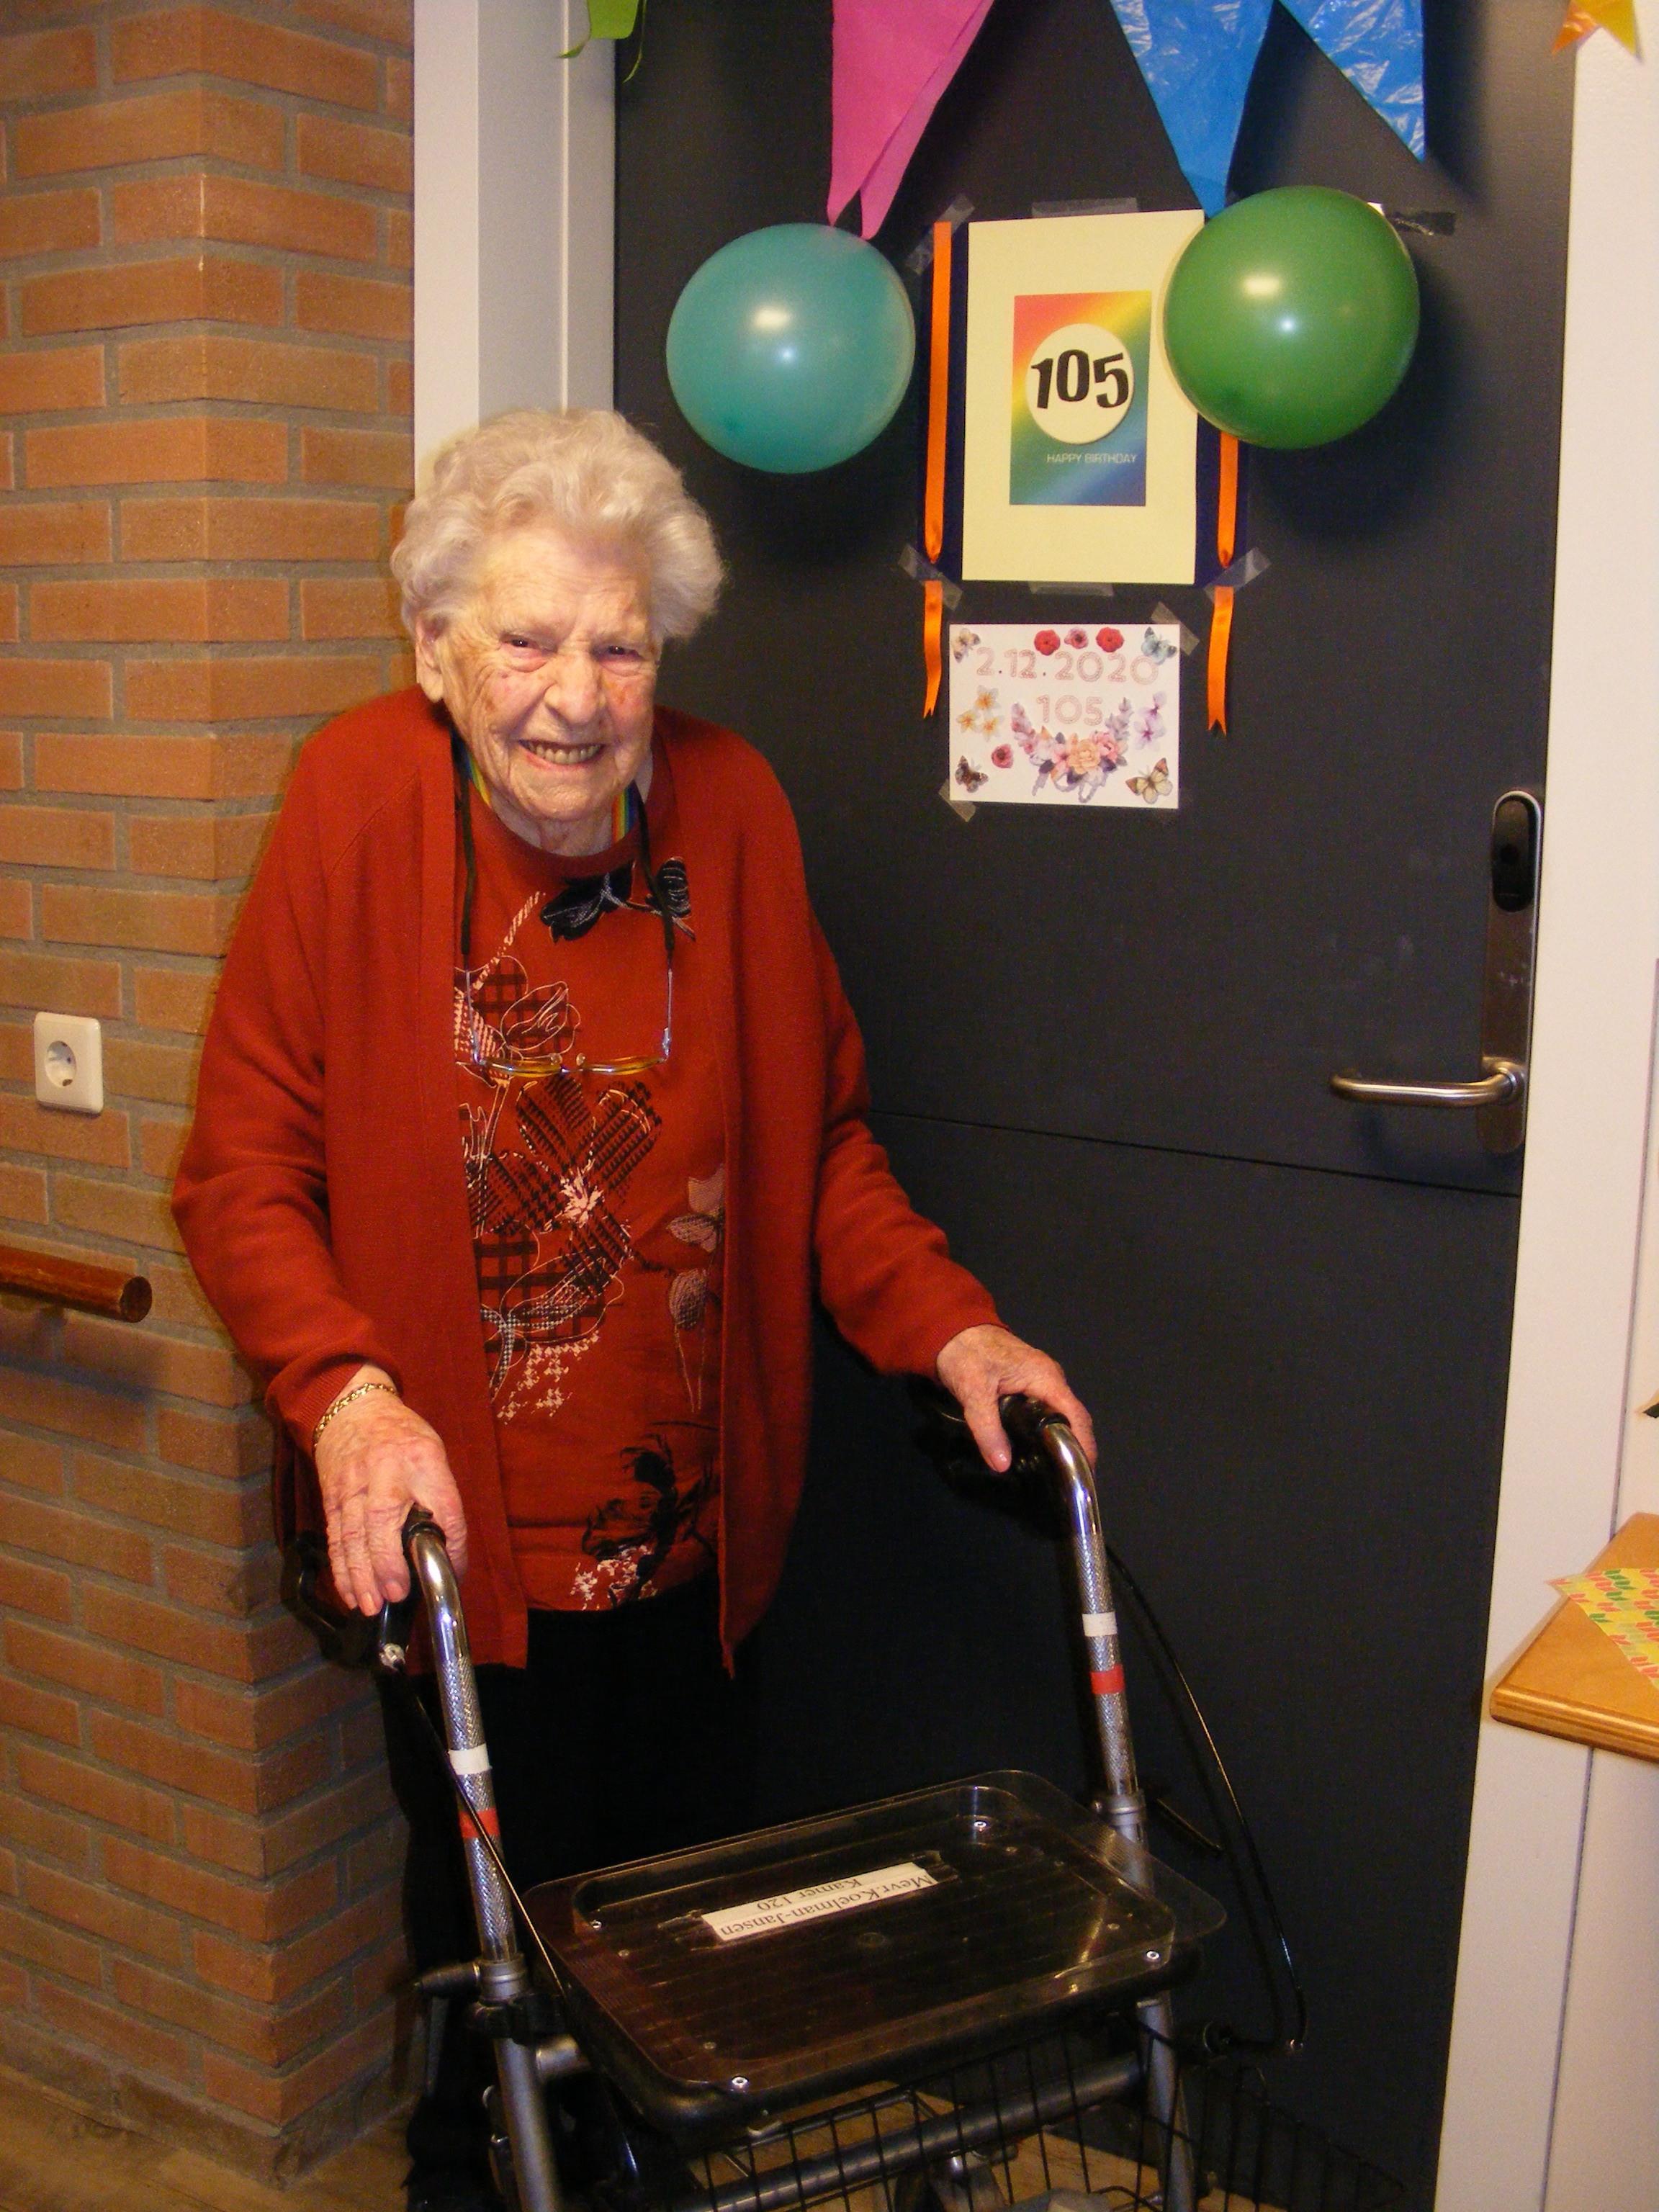 Cis Koelman-Jansen, oudste inwoner van Hoorn, viert 105e verjaardag